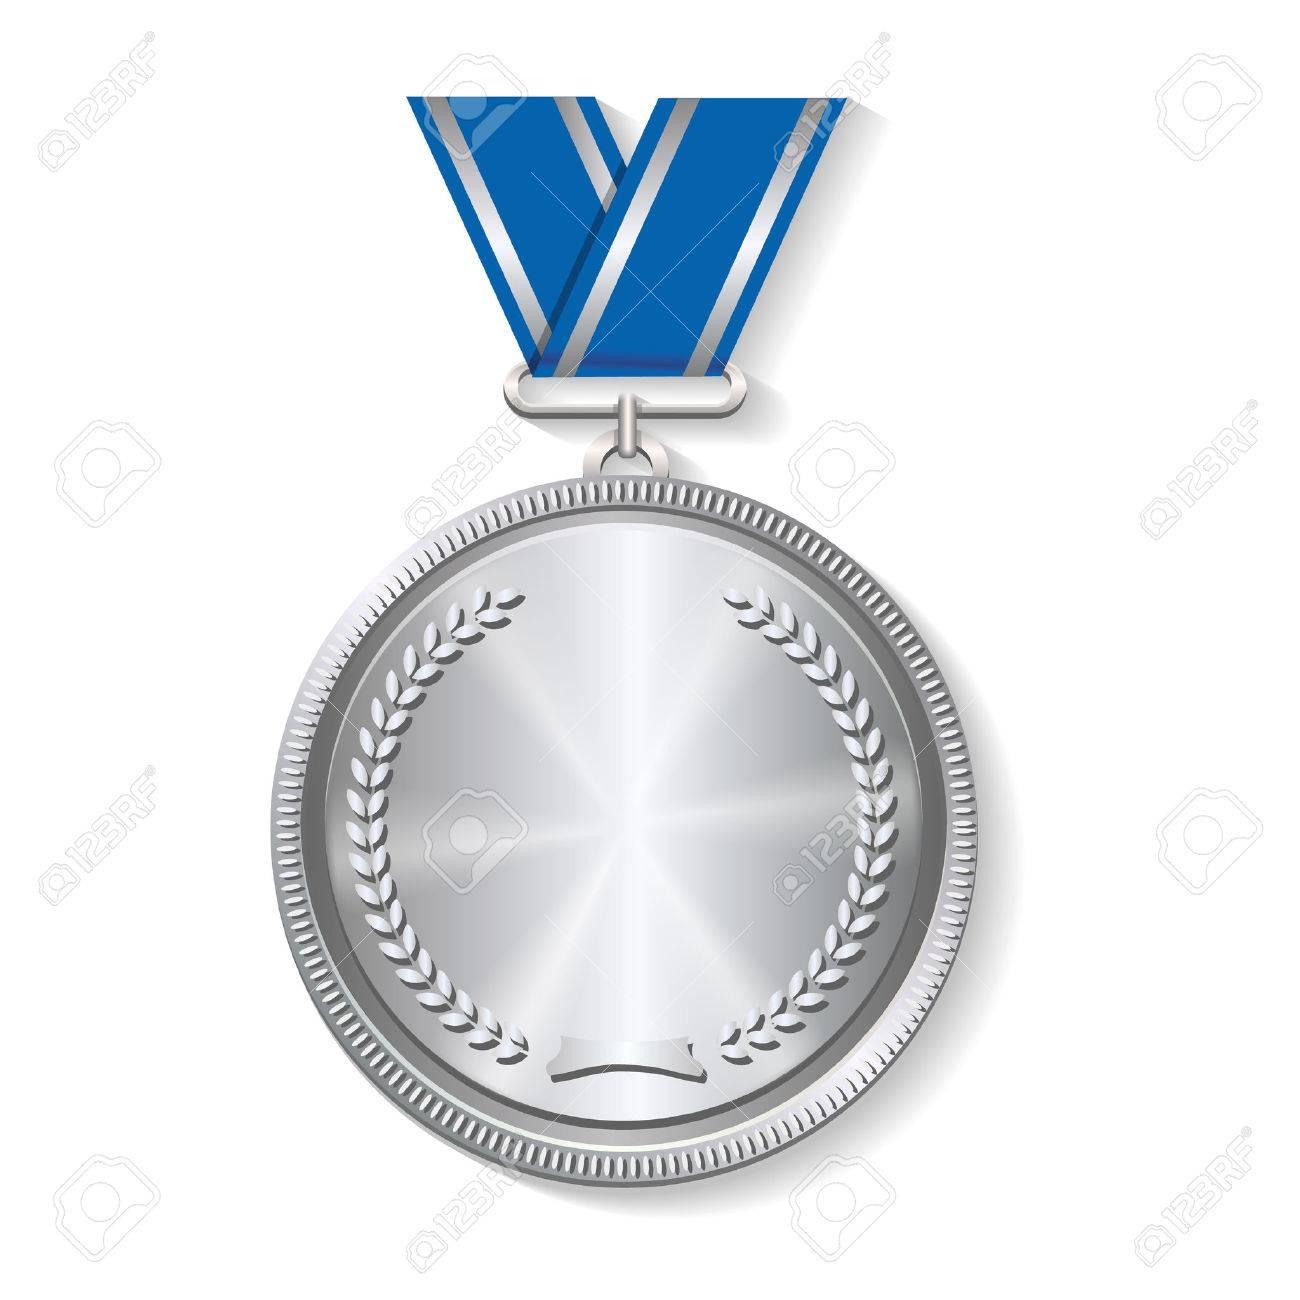 """Résultat de recherche d'images pour """"médaille d'argent"""""""